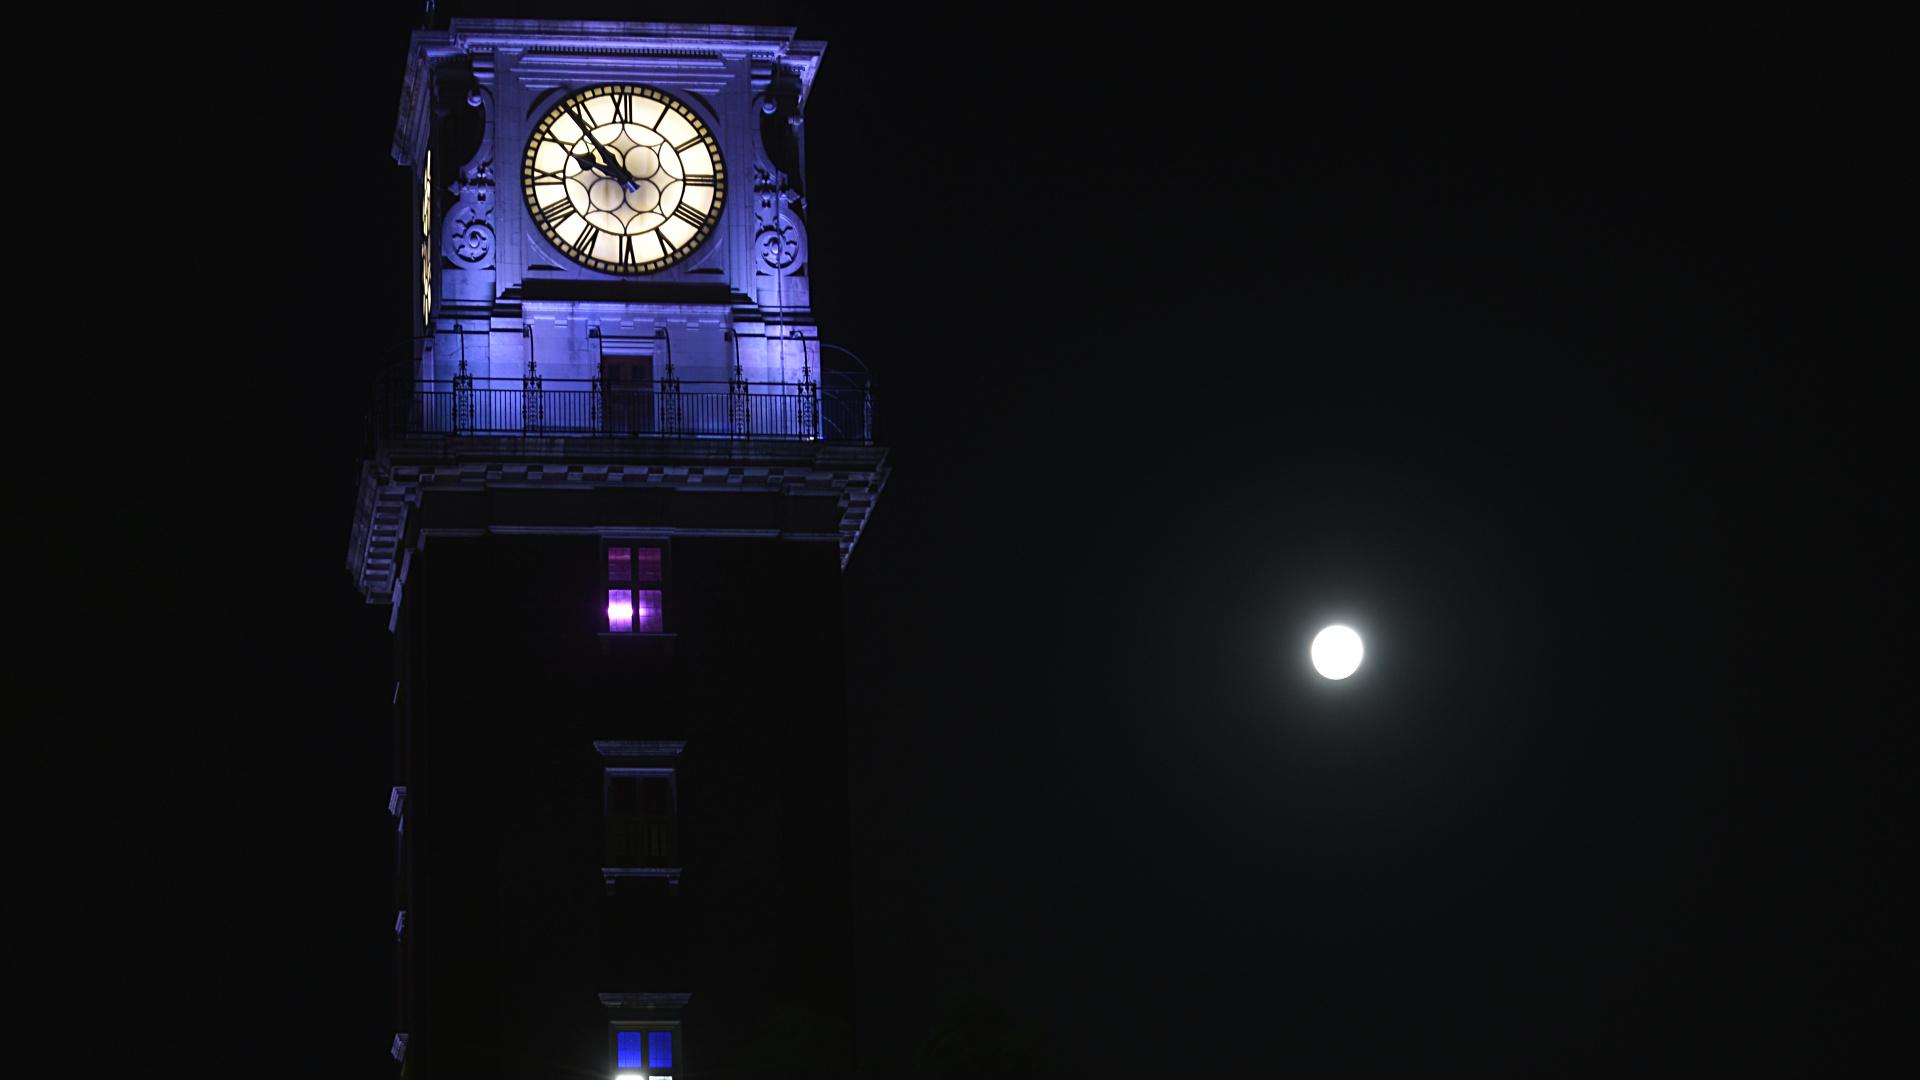 Durante la madrugada, la luna atravesó la penumbra de la tierra, el cono exterior y más débil de la sombra de nuestro planeta.